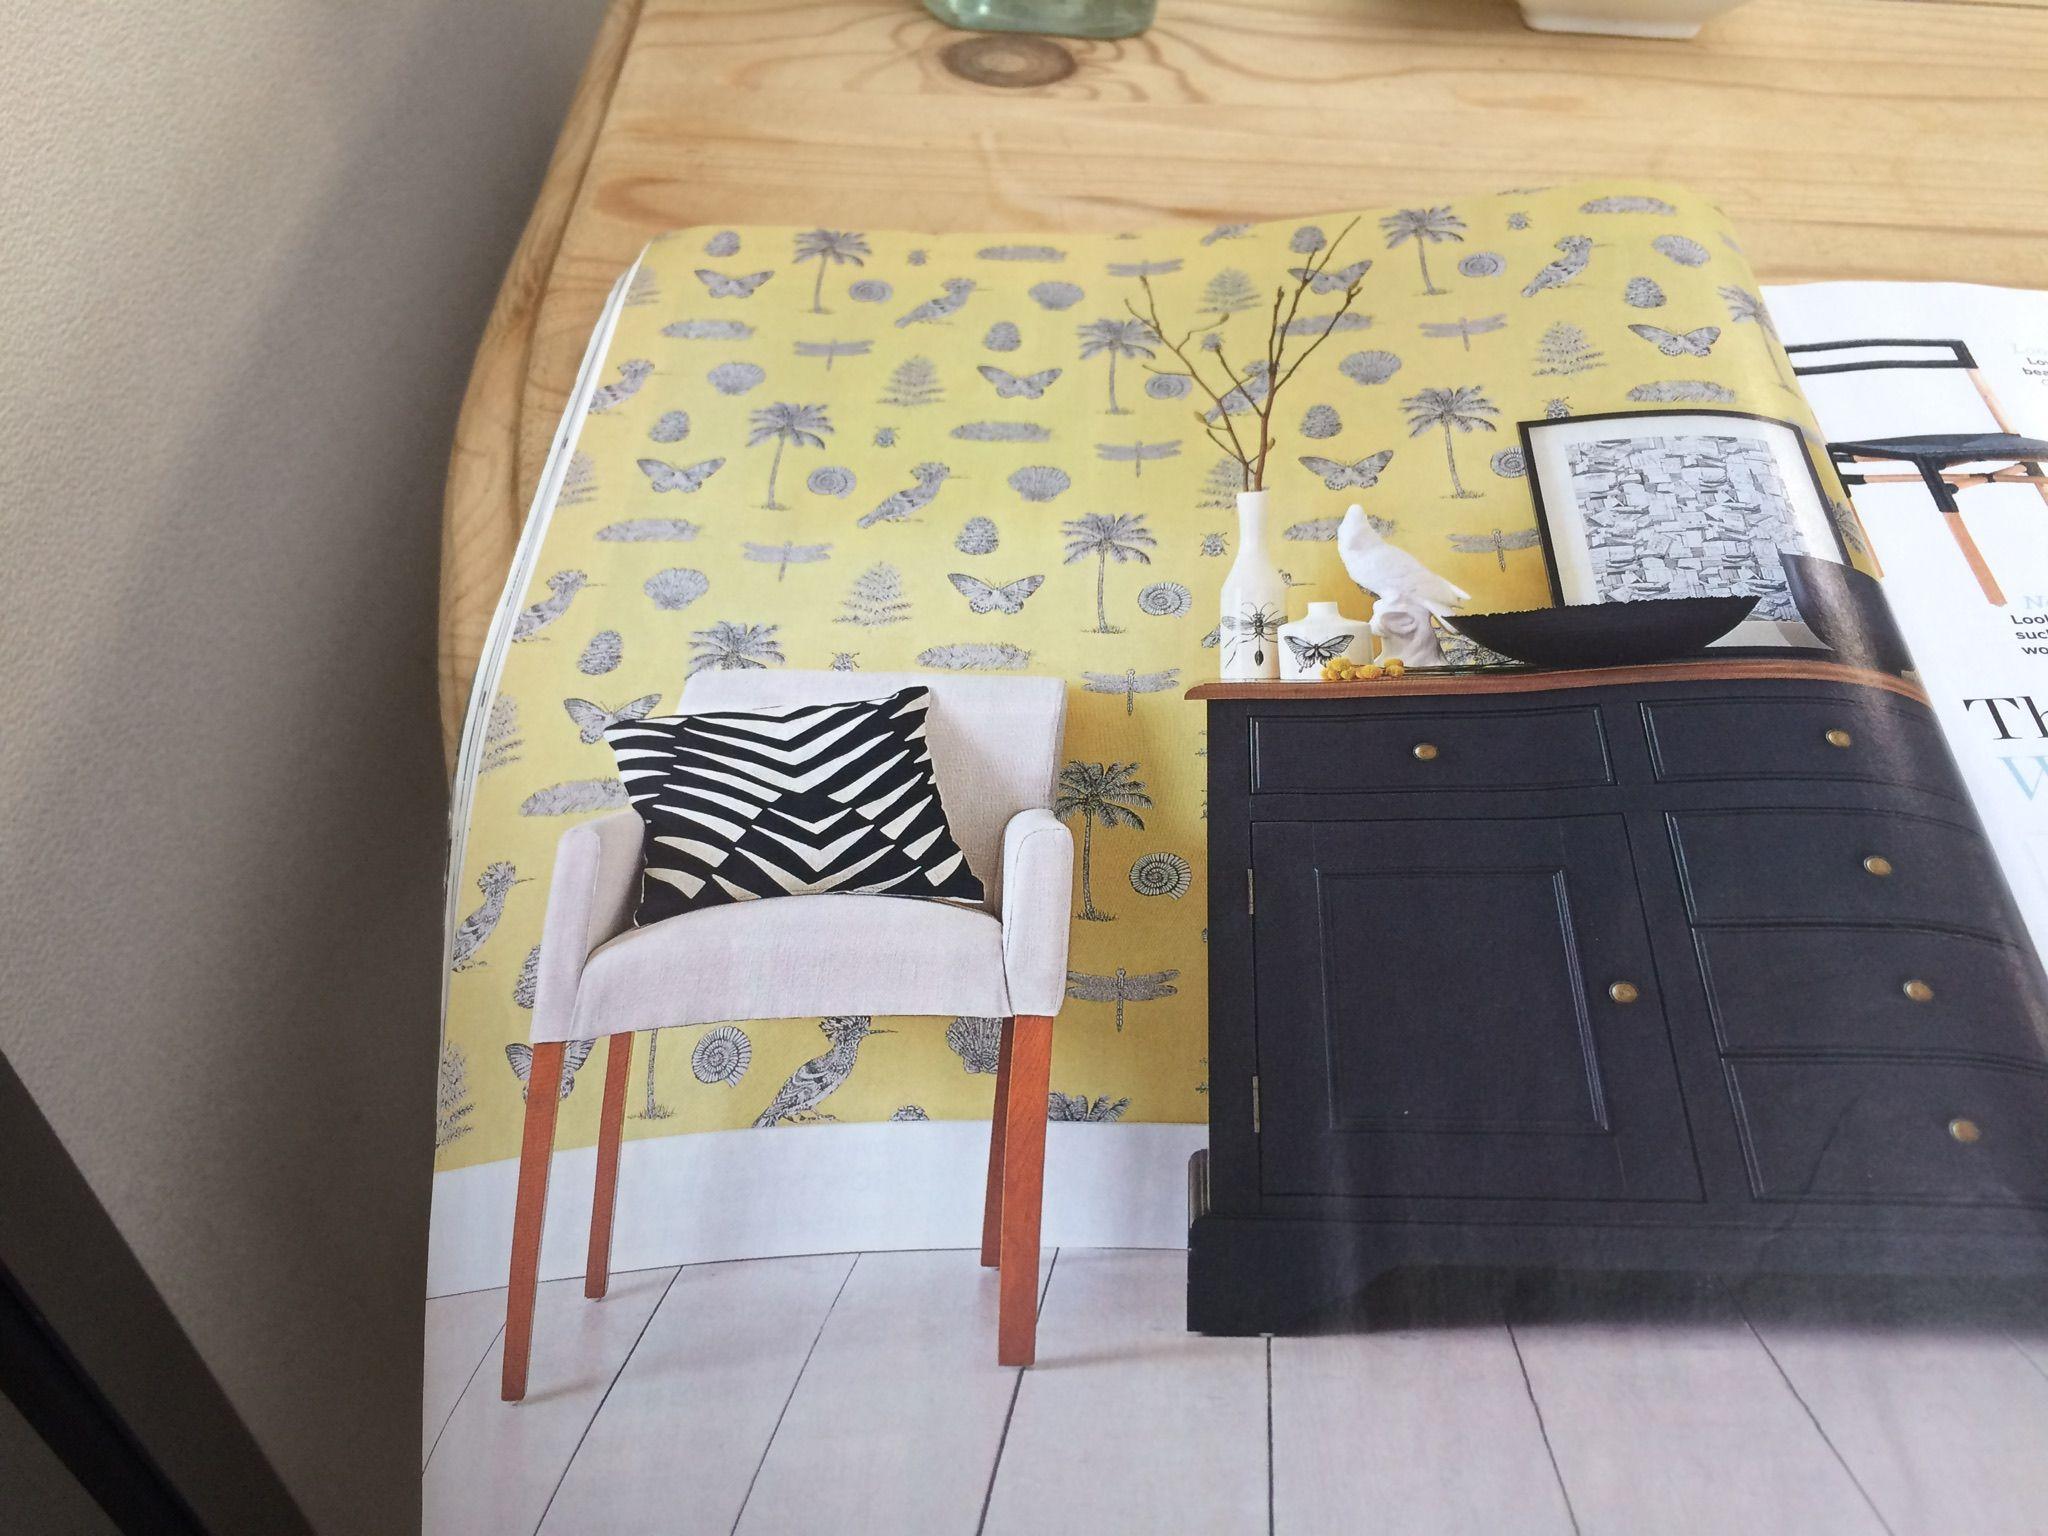 Pin by Alison Coates on Dresser ideas Dresser